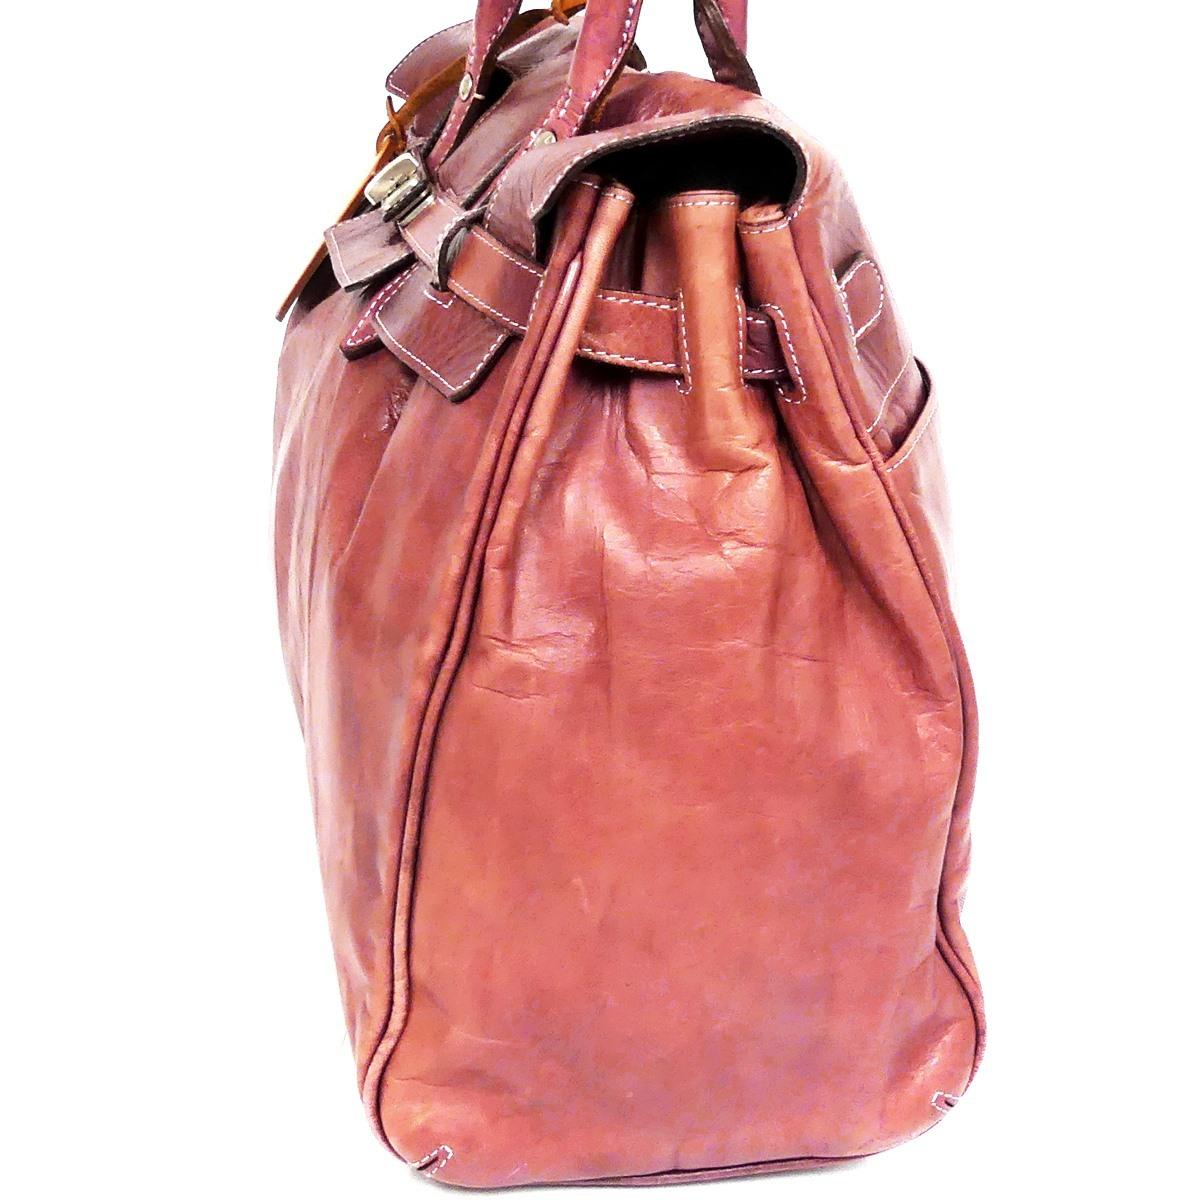 即決★aniary★レザーハンドバッグ アニアリ メンズ 赤 紫 本革 トートバッグ 本皮 かばん 鞄 レディース 手提げバッグ_画像5